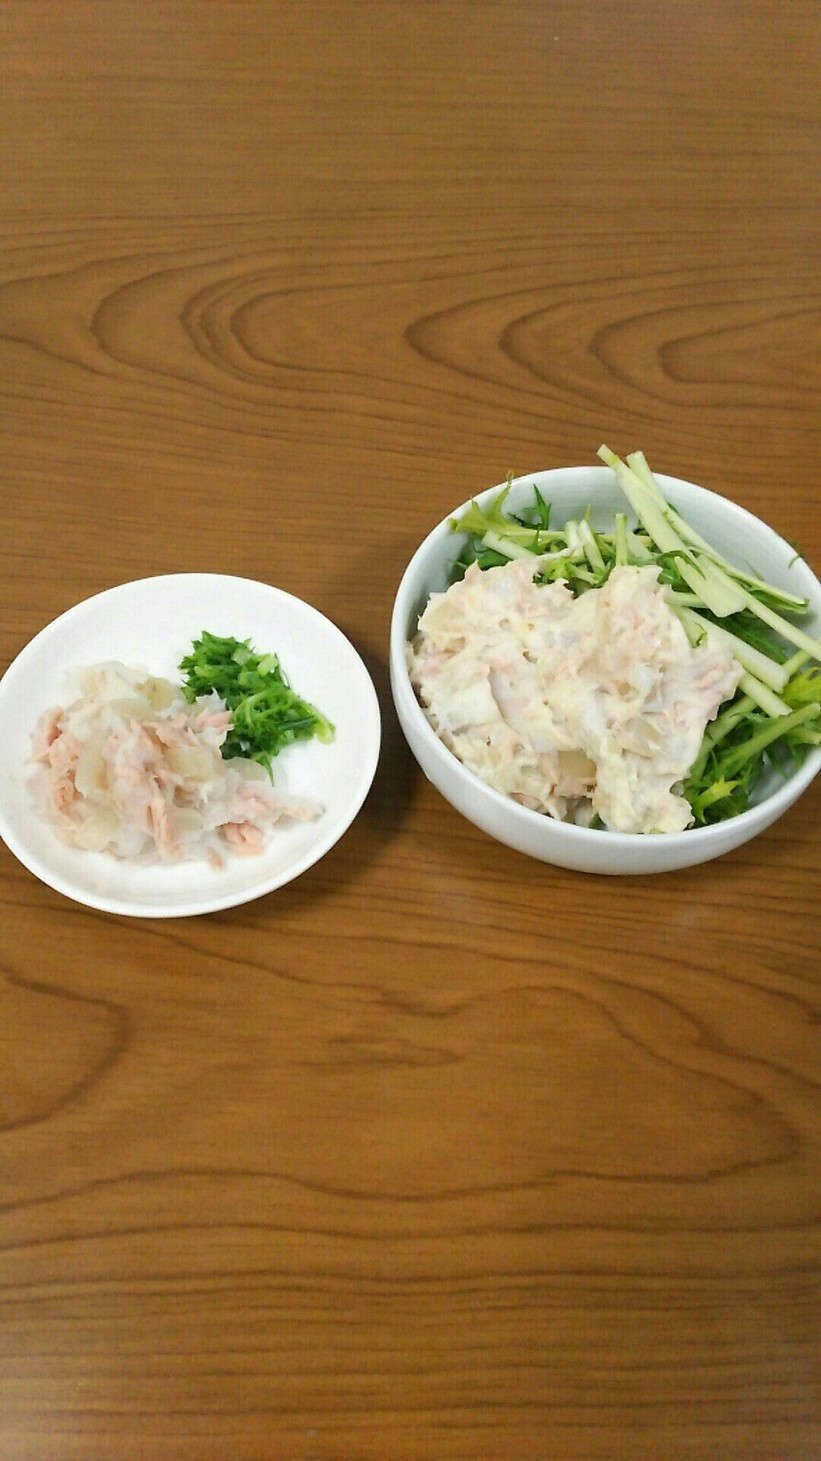 里芋のツナサラダ(離乳食後期の取り分け)